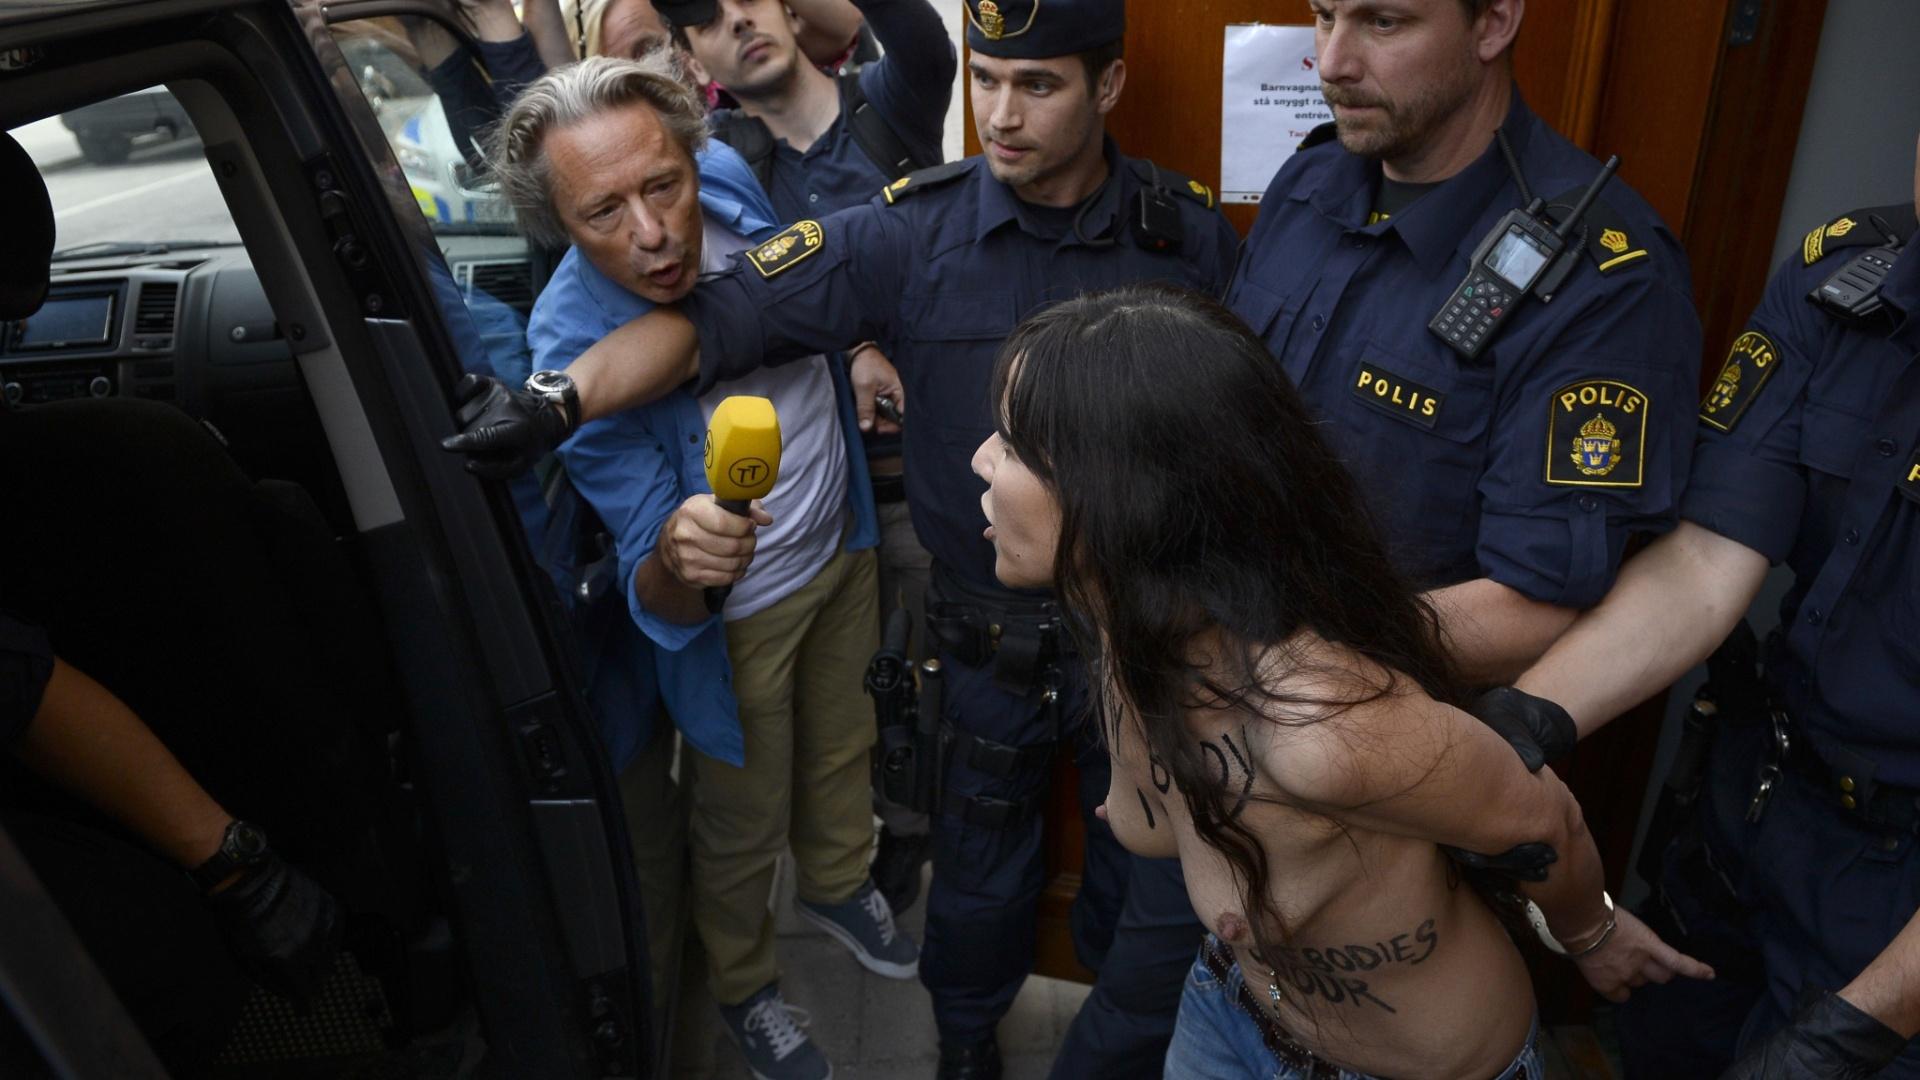 29.jun.2013 - Uma ativista egípcia pelos direitos das mulheres e duas outras integrantes do grupo Femen foram detidas pela polícia, na Suécia, neste sábado (29), depois de invadirem uma mesquita em Estocolmo para protestar contra as leis religiosas islâmicas